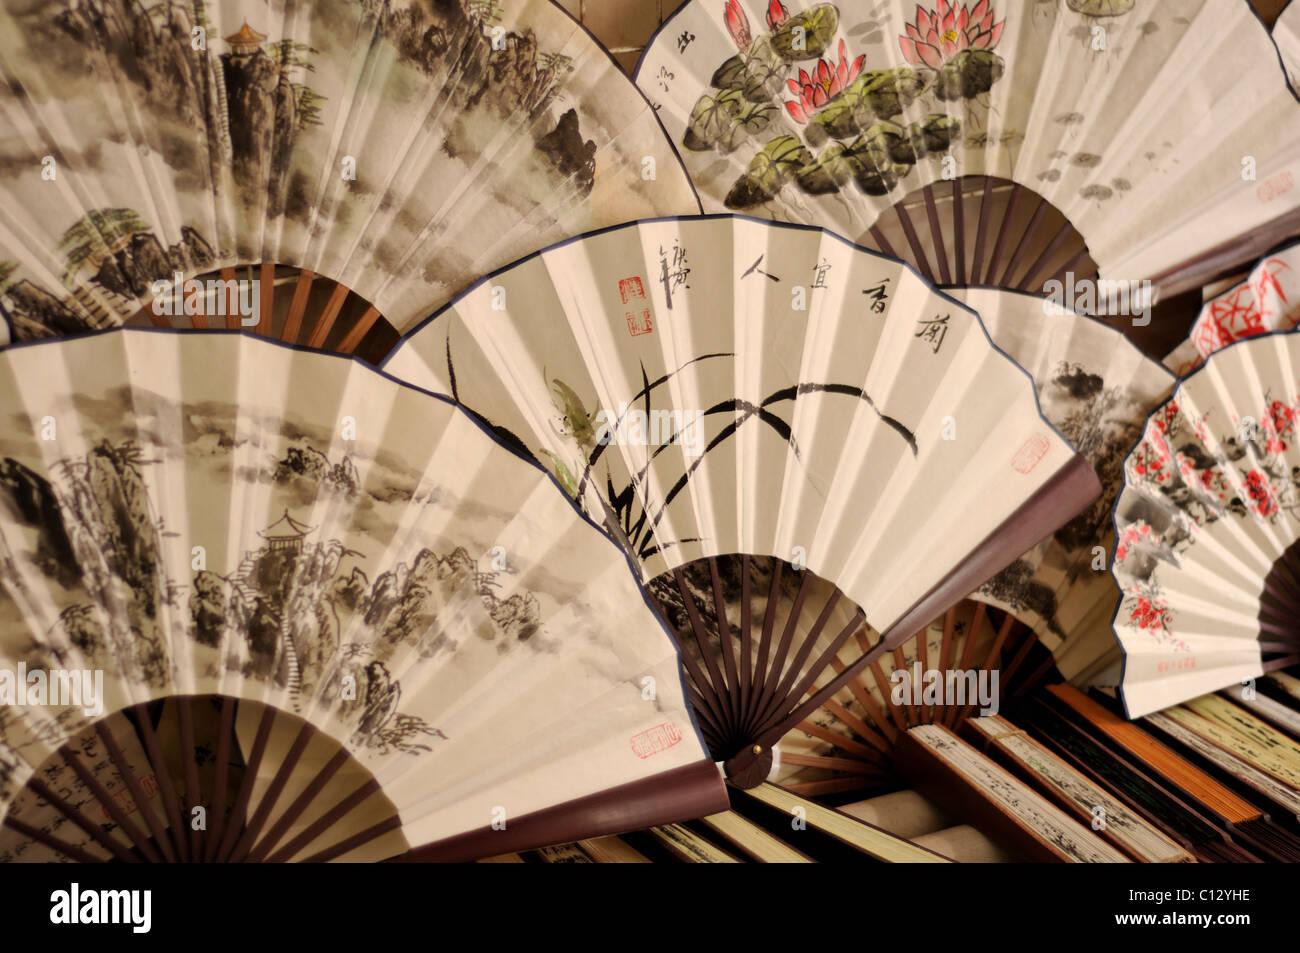 Dipinto di fan cinesi Immagini Stock